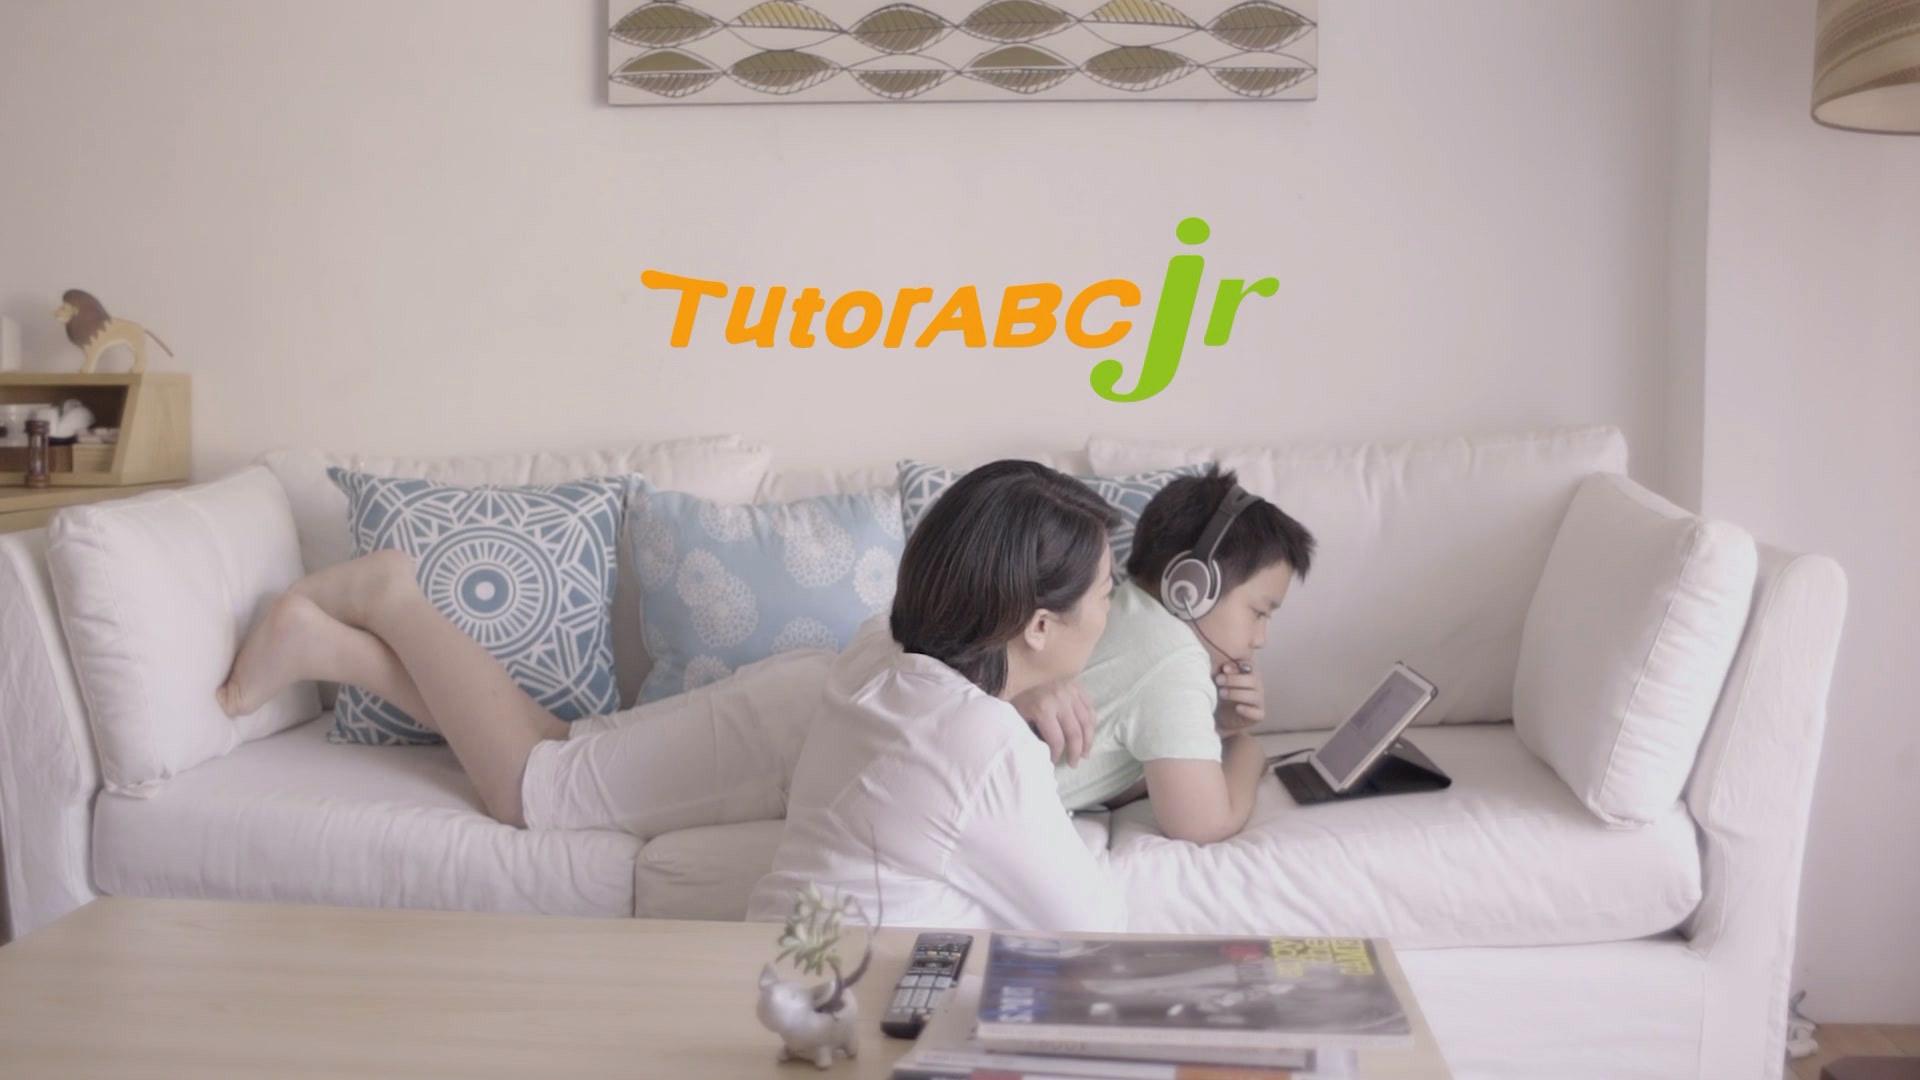 TutorABCJr 2015最新首波電視廣告-把學習的自由還給孩子,把珍貴的時間留給彼此陪伴